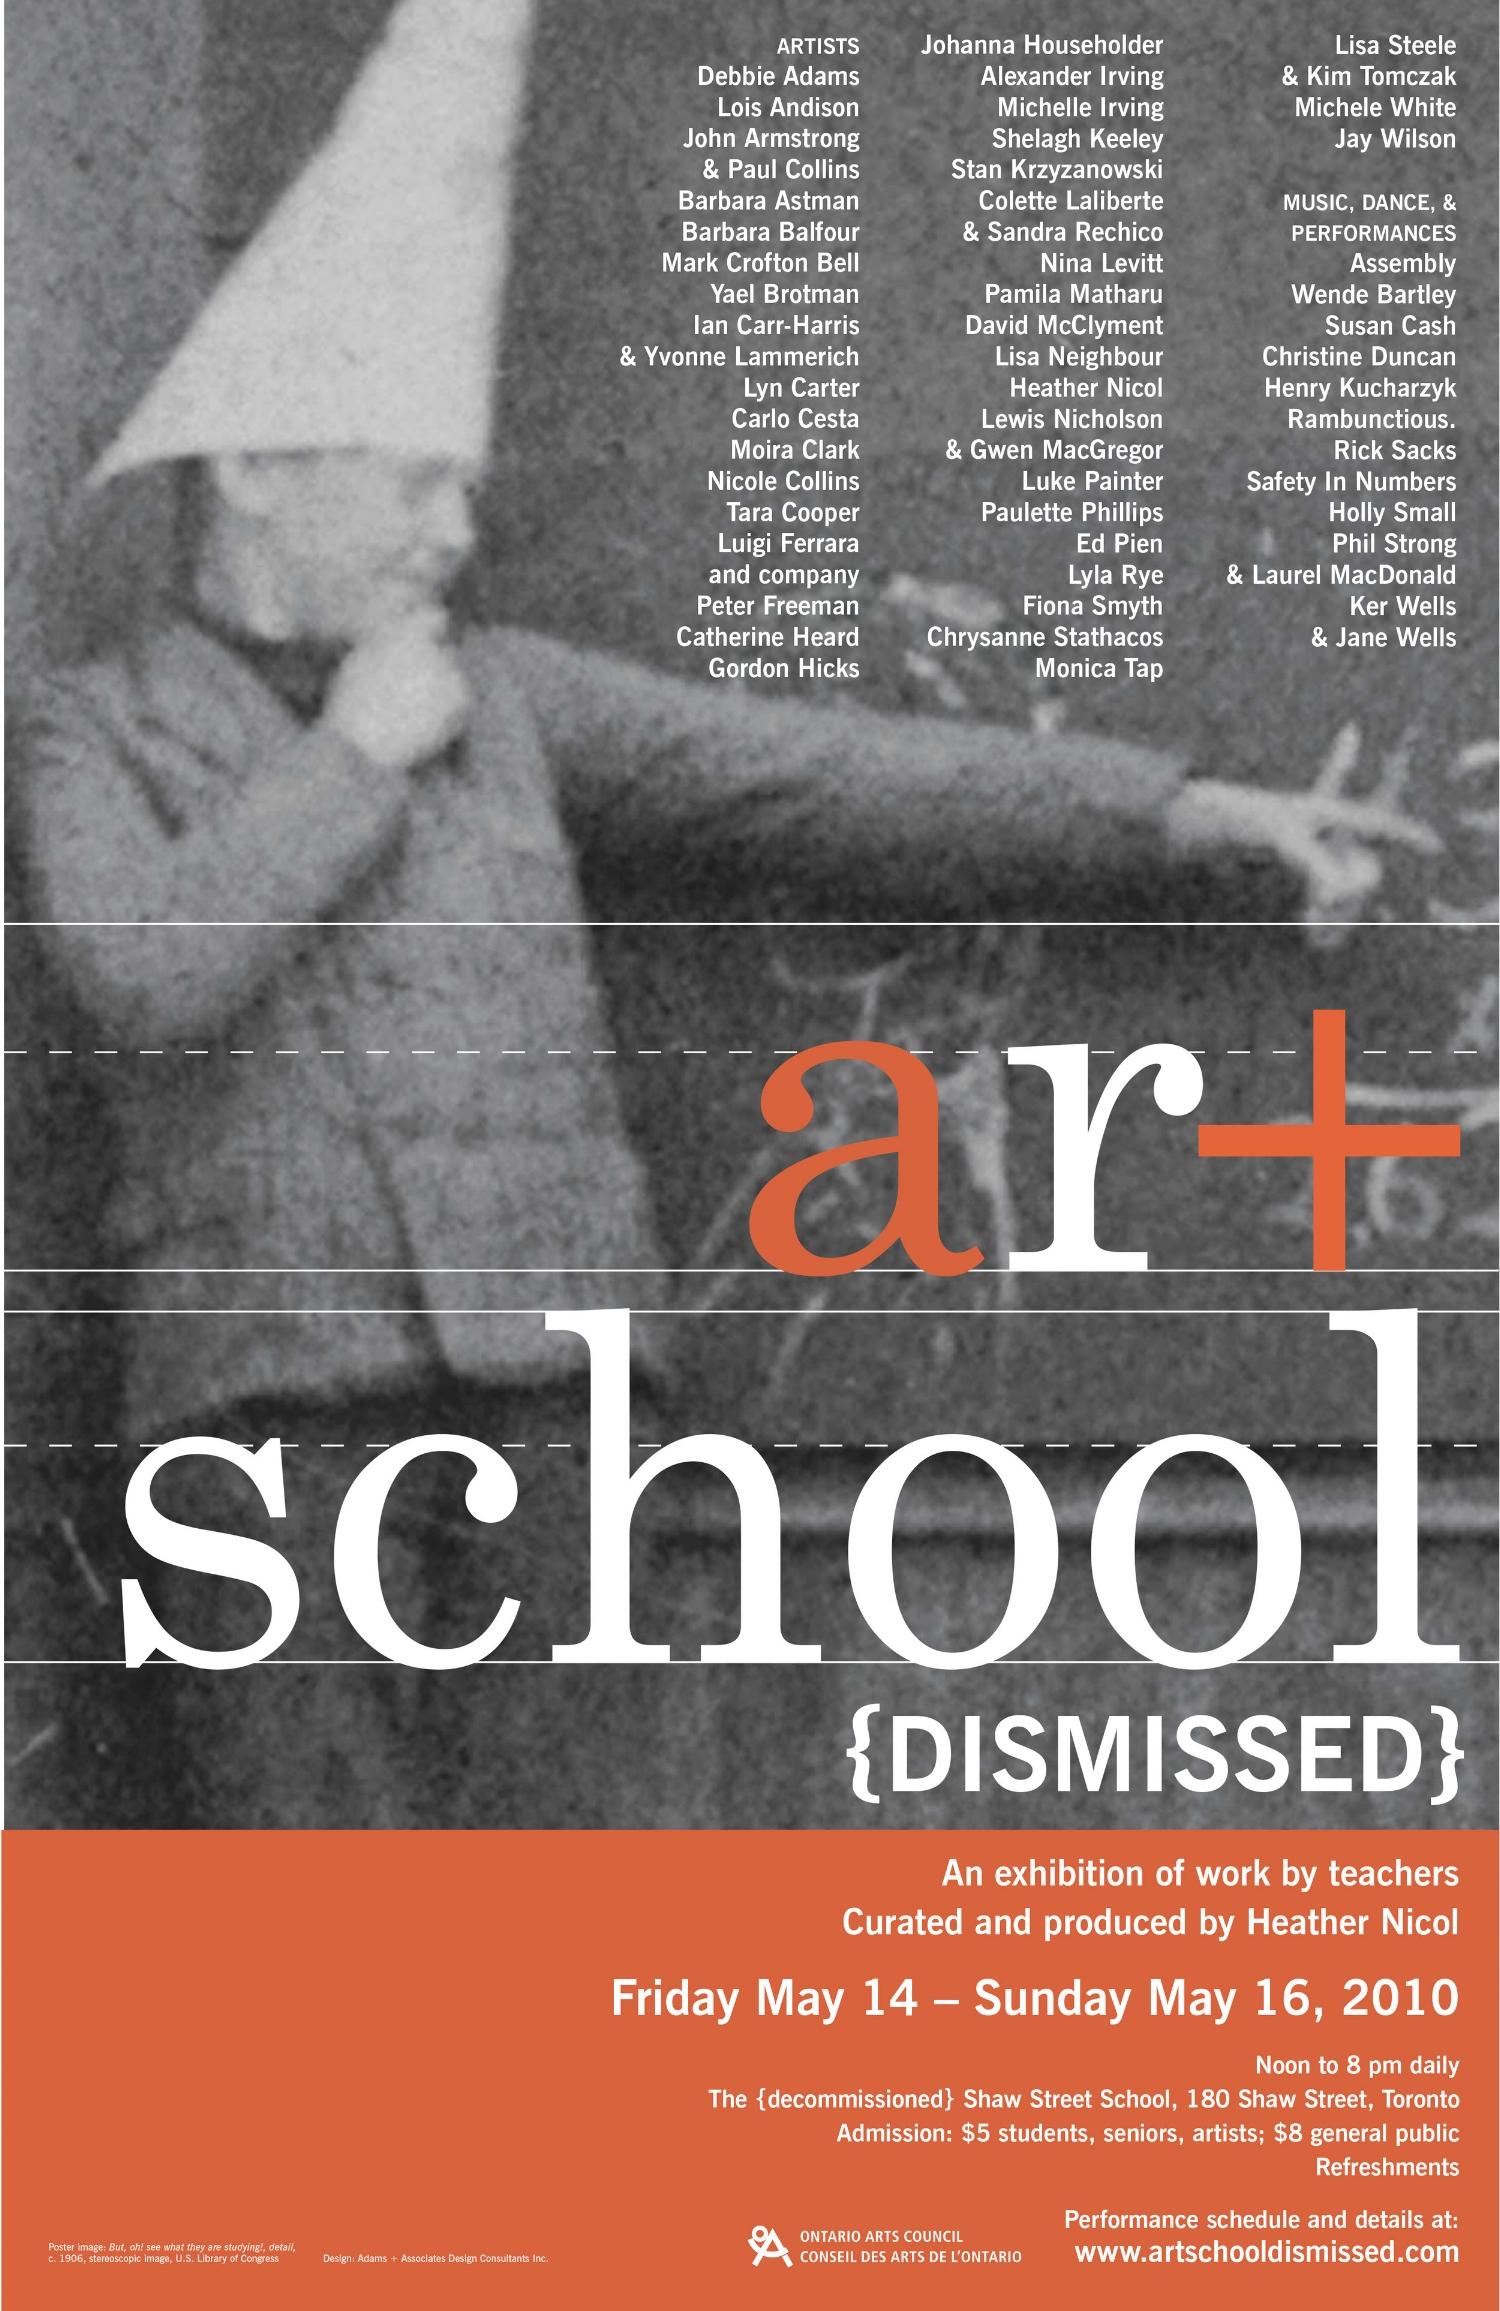 art school dismissed poster new.jpg